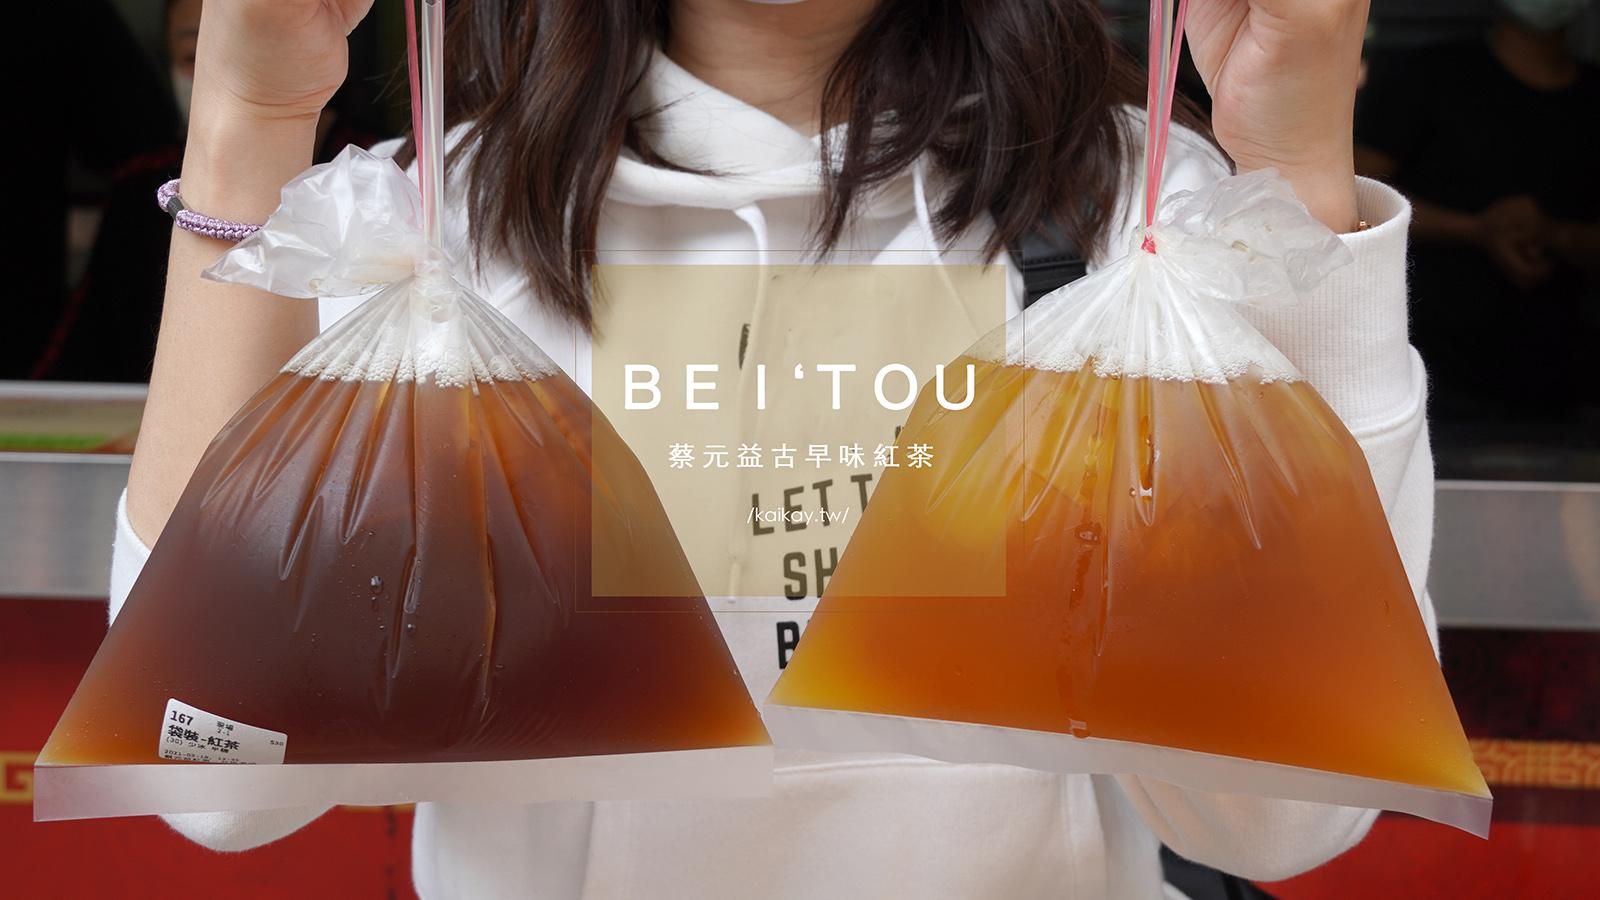 ☆【台北|北投】蔡元益紅茶。菜單上沒有的隱藏三合一最好喝 @凱的日本食尚日記